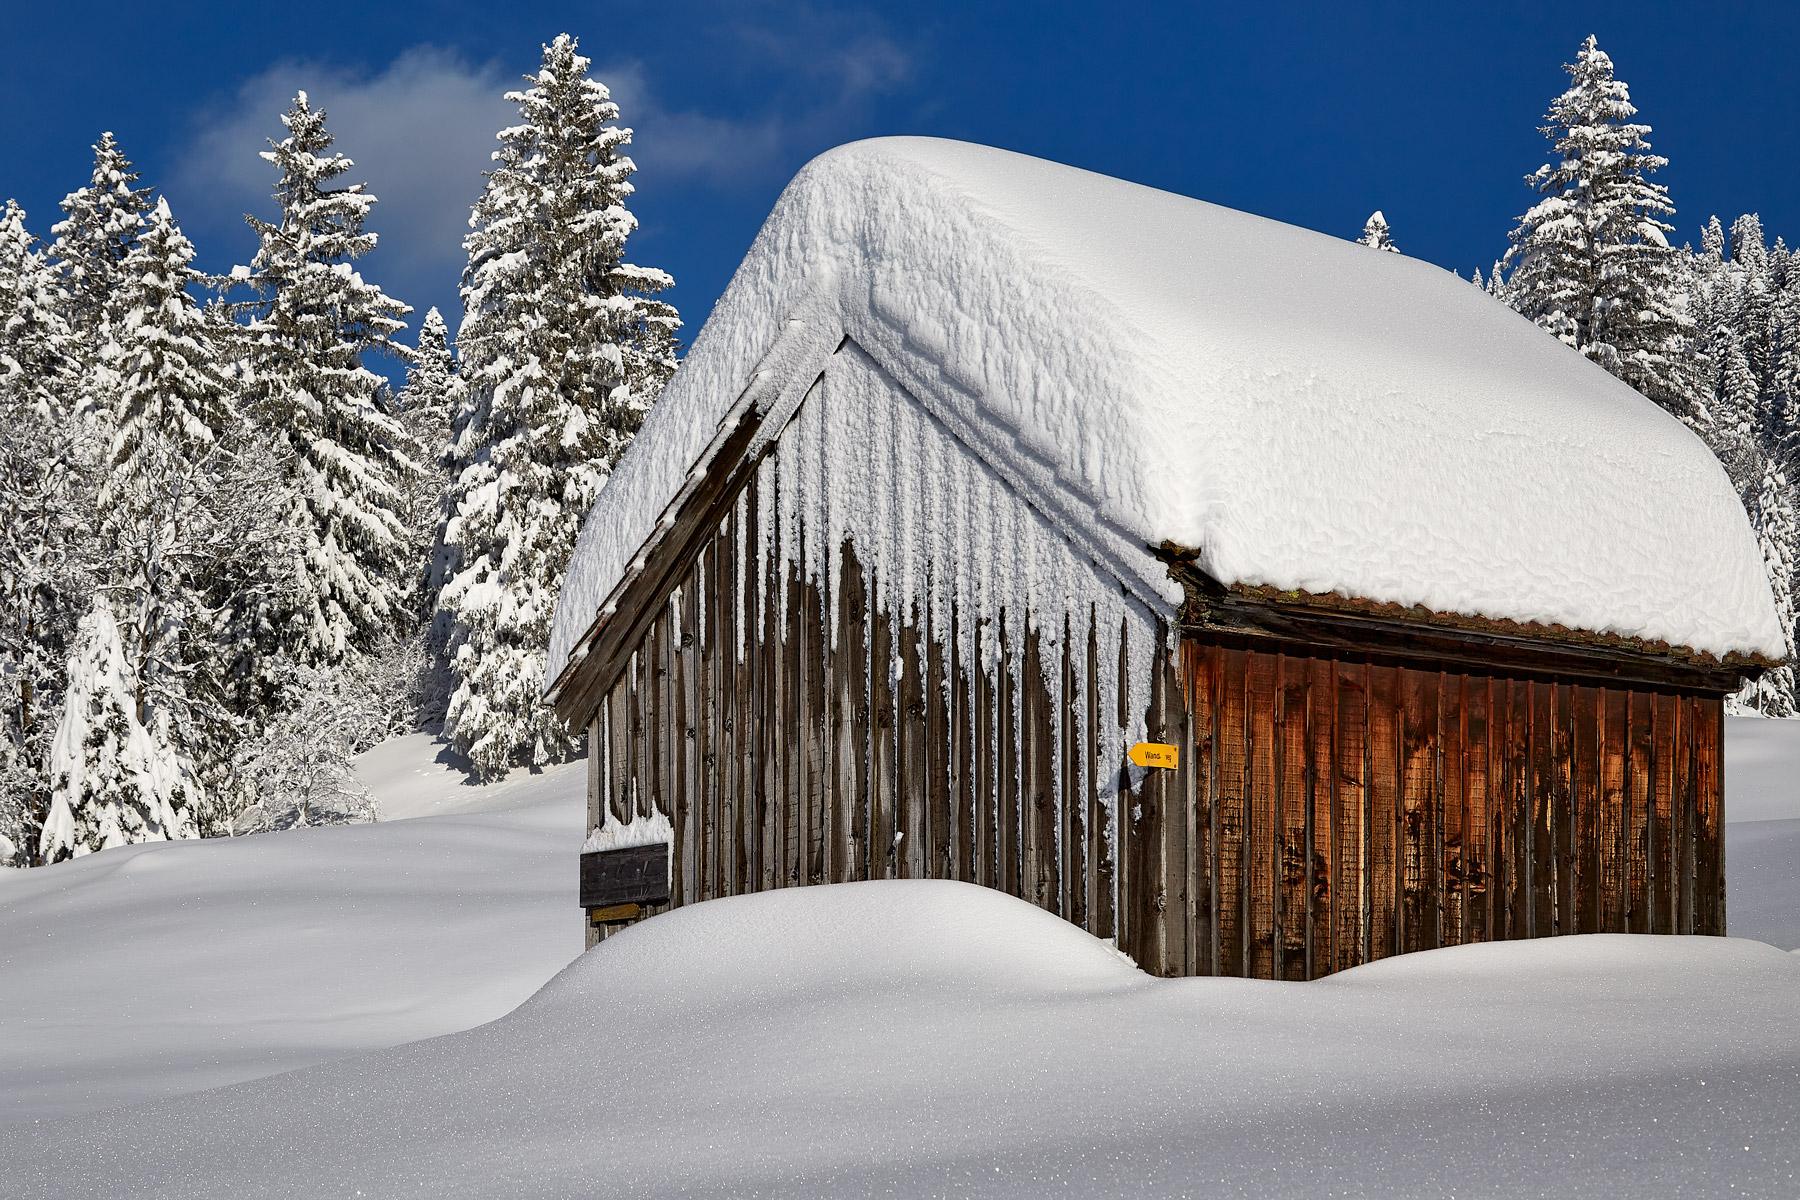 Alphütte Fähnern Winter Schnee Alpstein Winter